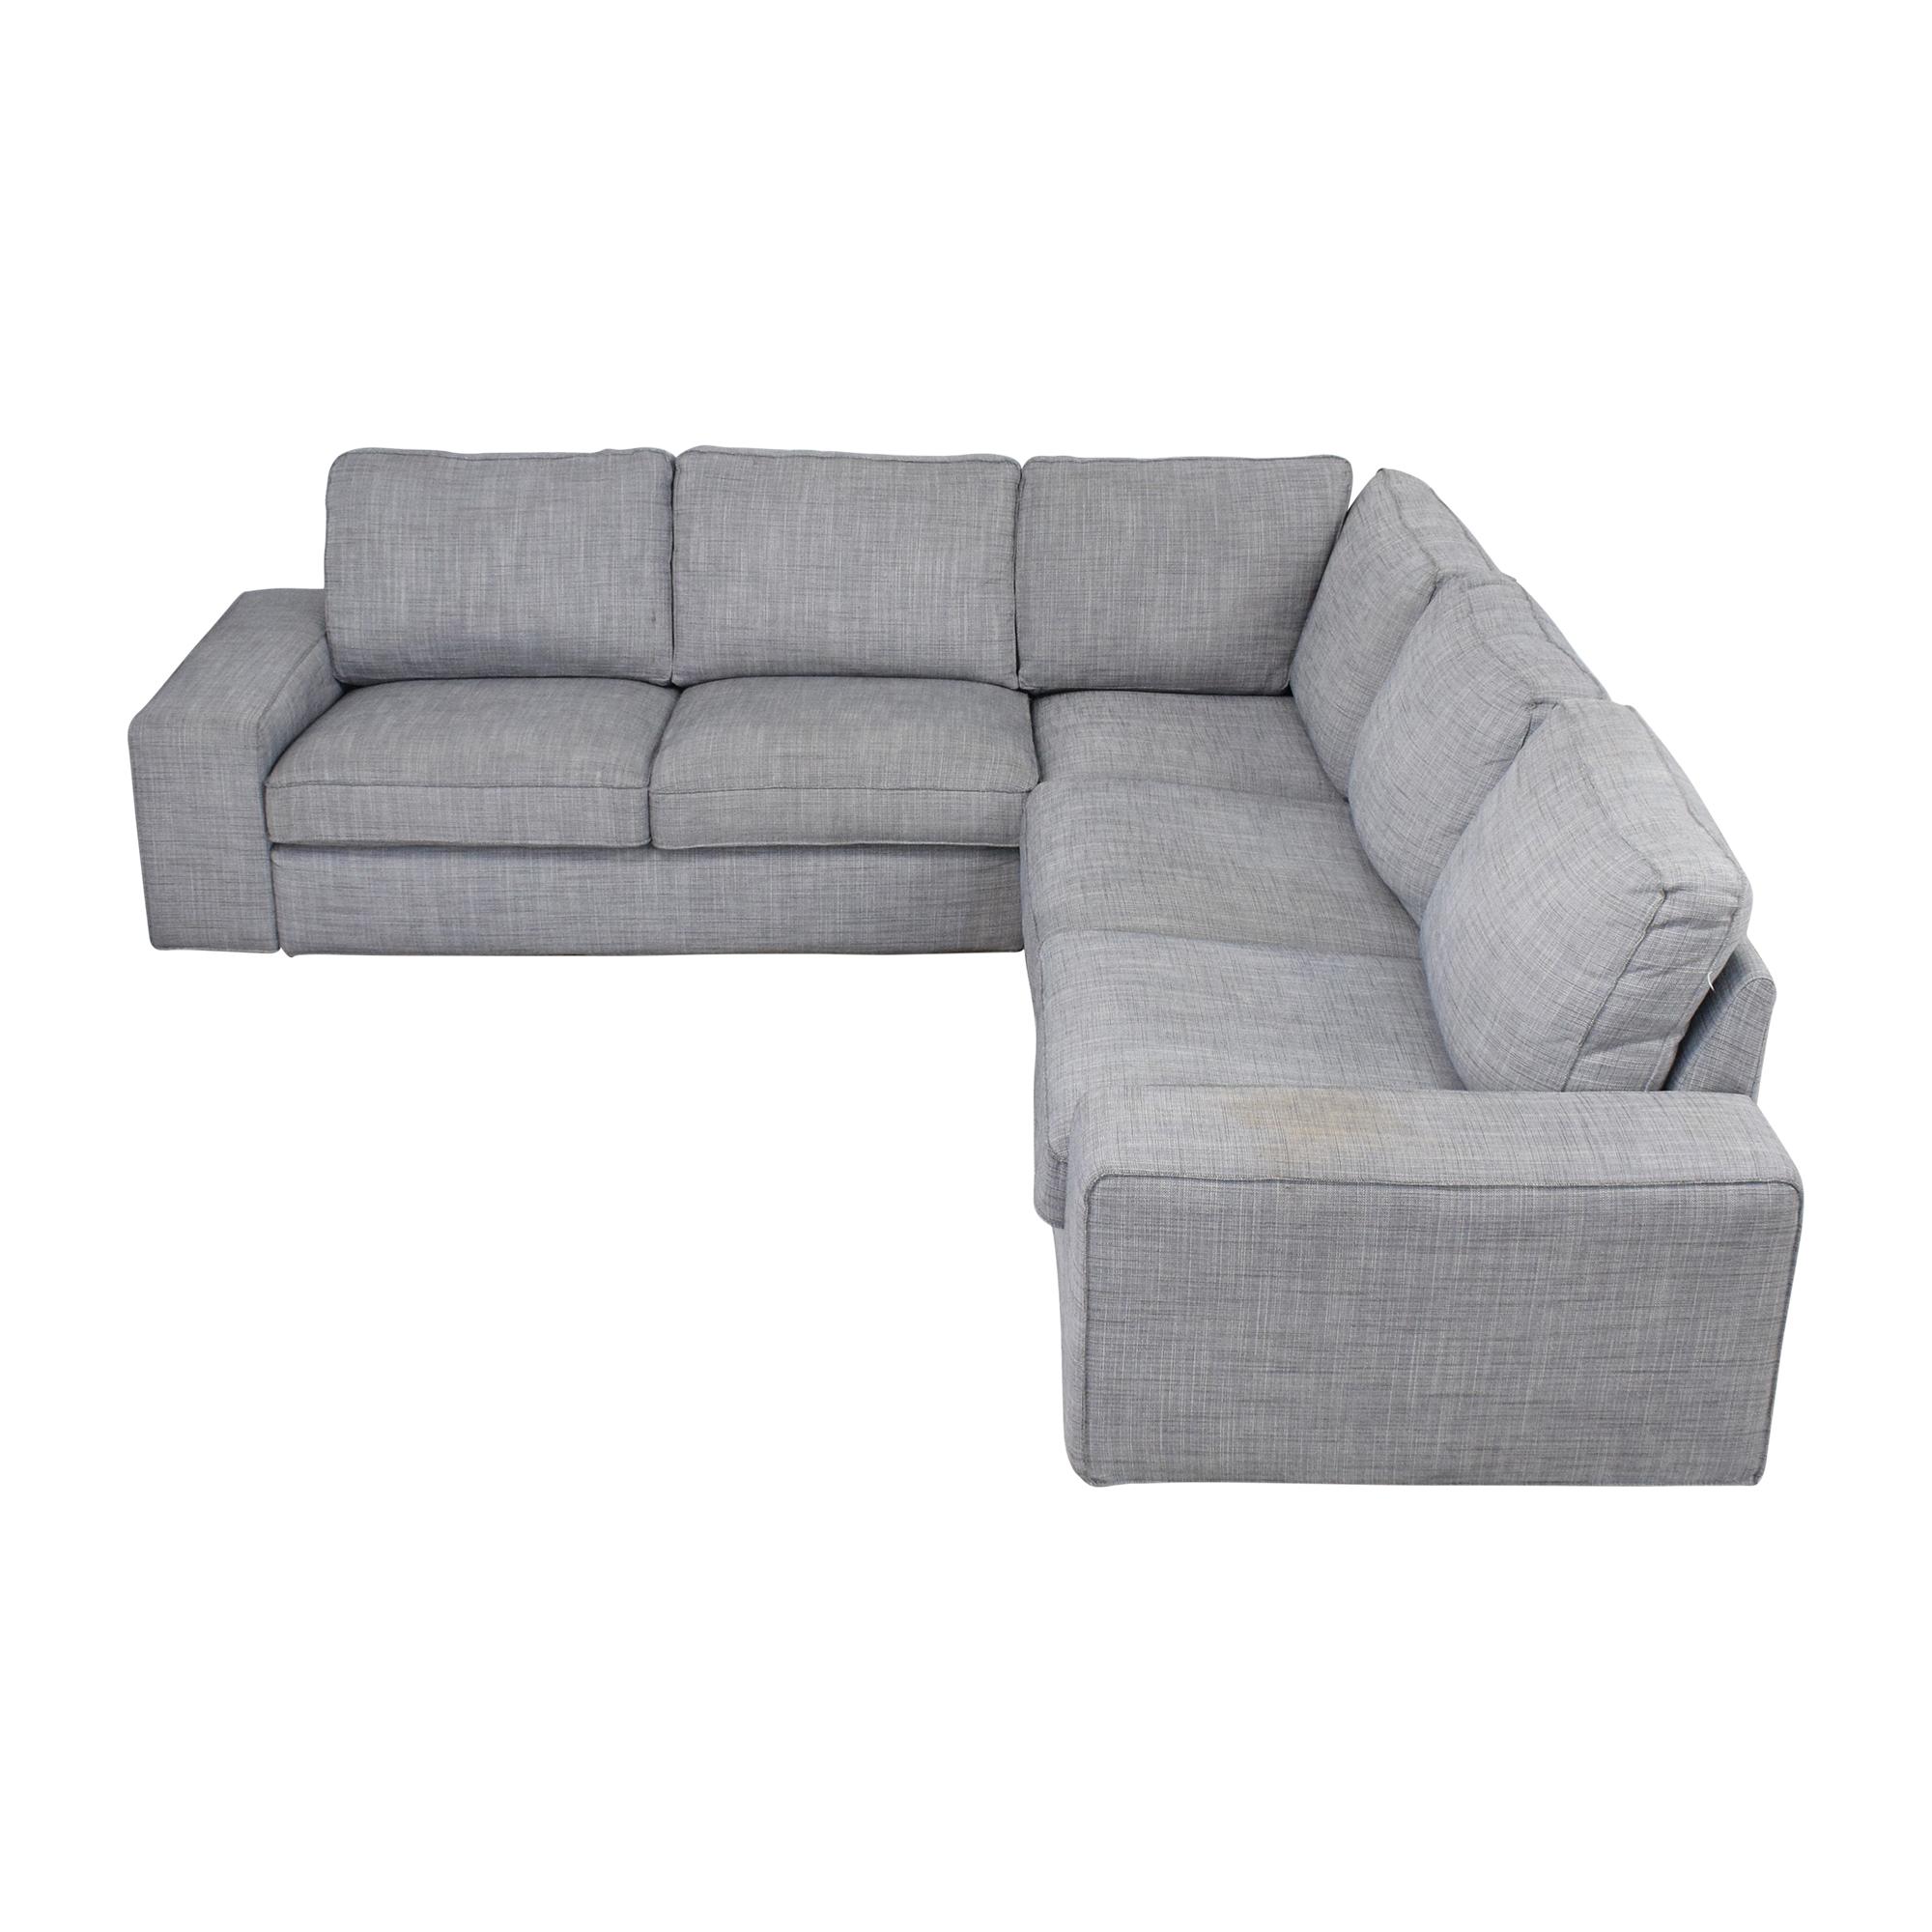 Berkline Leather Couch